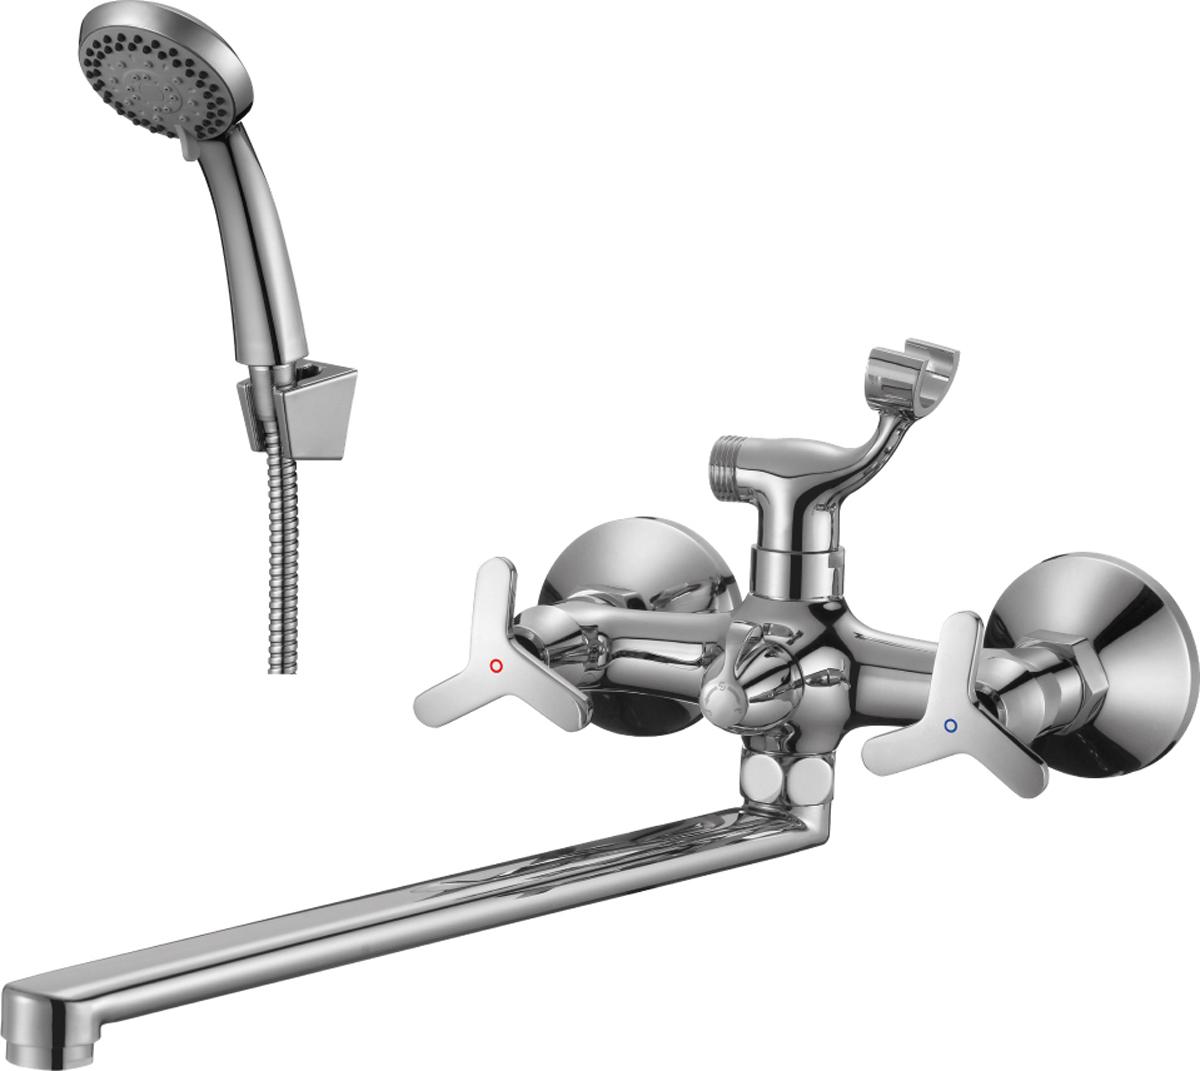 Смеситель Rossinka, для ванны универсальный. RS40-84RS40-84Смеситель универсальный с плоским поворотным изливом изготовлен из высококачественного металла.Комплектация:пластиковый аэратор с функцией легкой очистки;керамические вентильные головки;переключатель с керамическими пластинами;аксессуары в комплекте (шланг 1,5 м, 3-функциональная лейка с функцией легкой очистки);присоединительная группа (эксцентрики с отражателями) для вертикального крепления;металлические рукоятки.